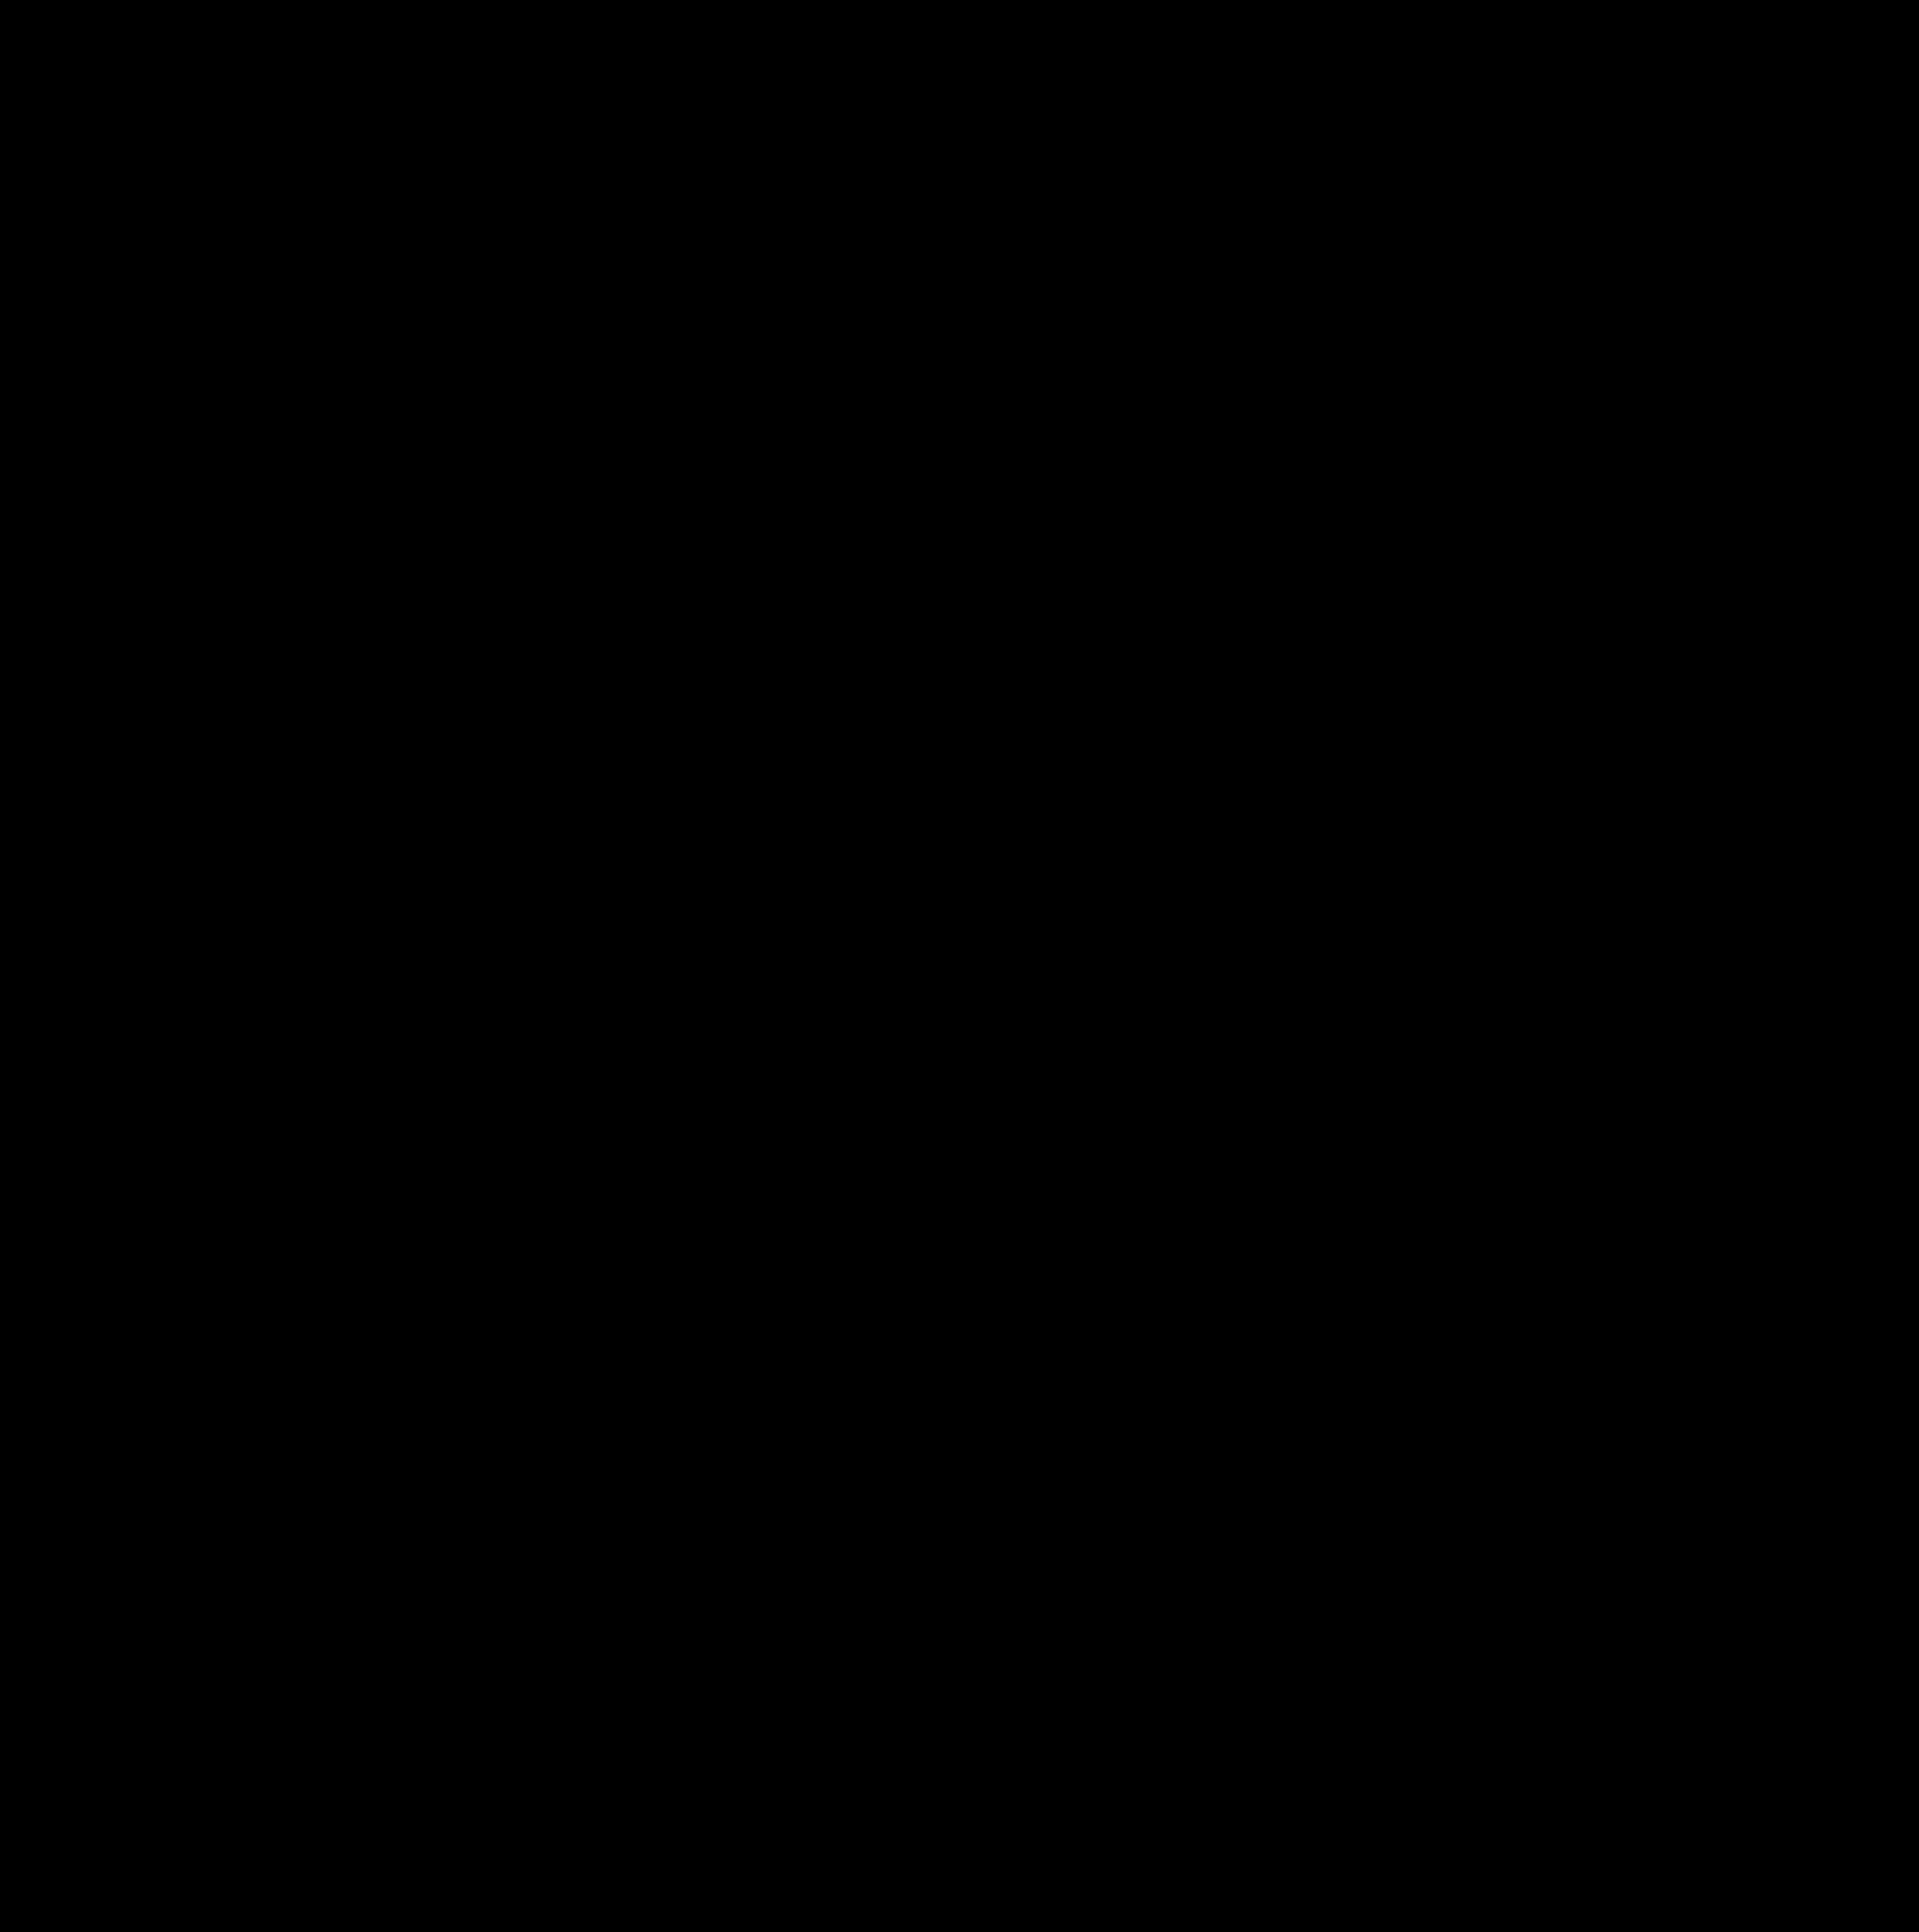 SKM_C45821021213100